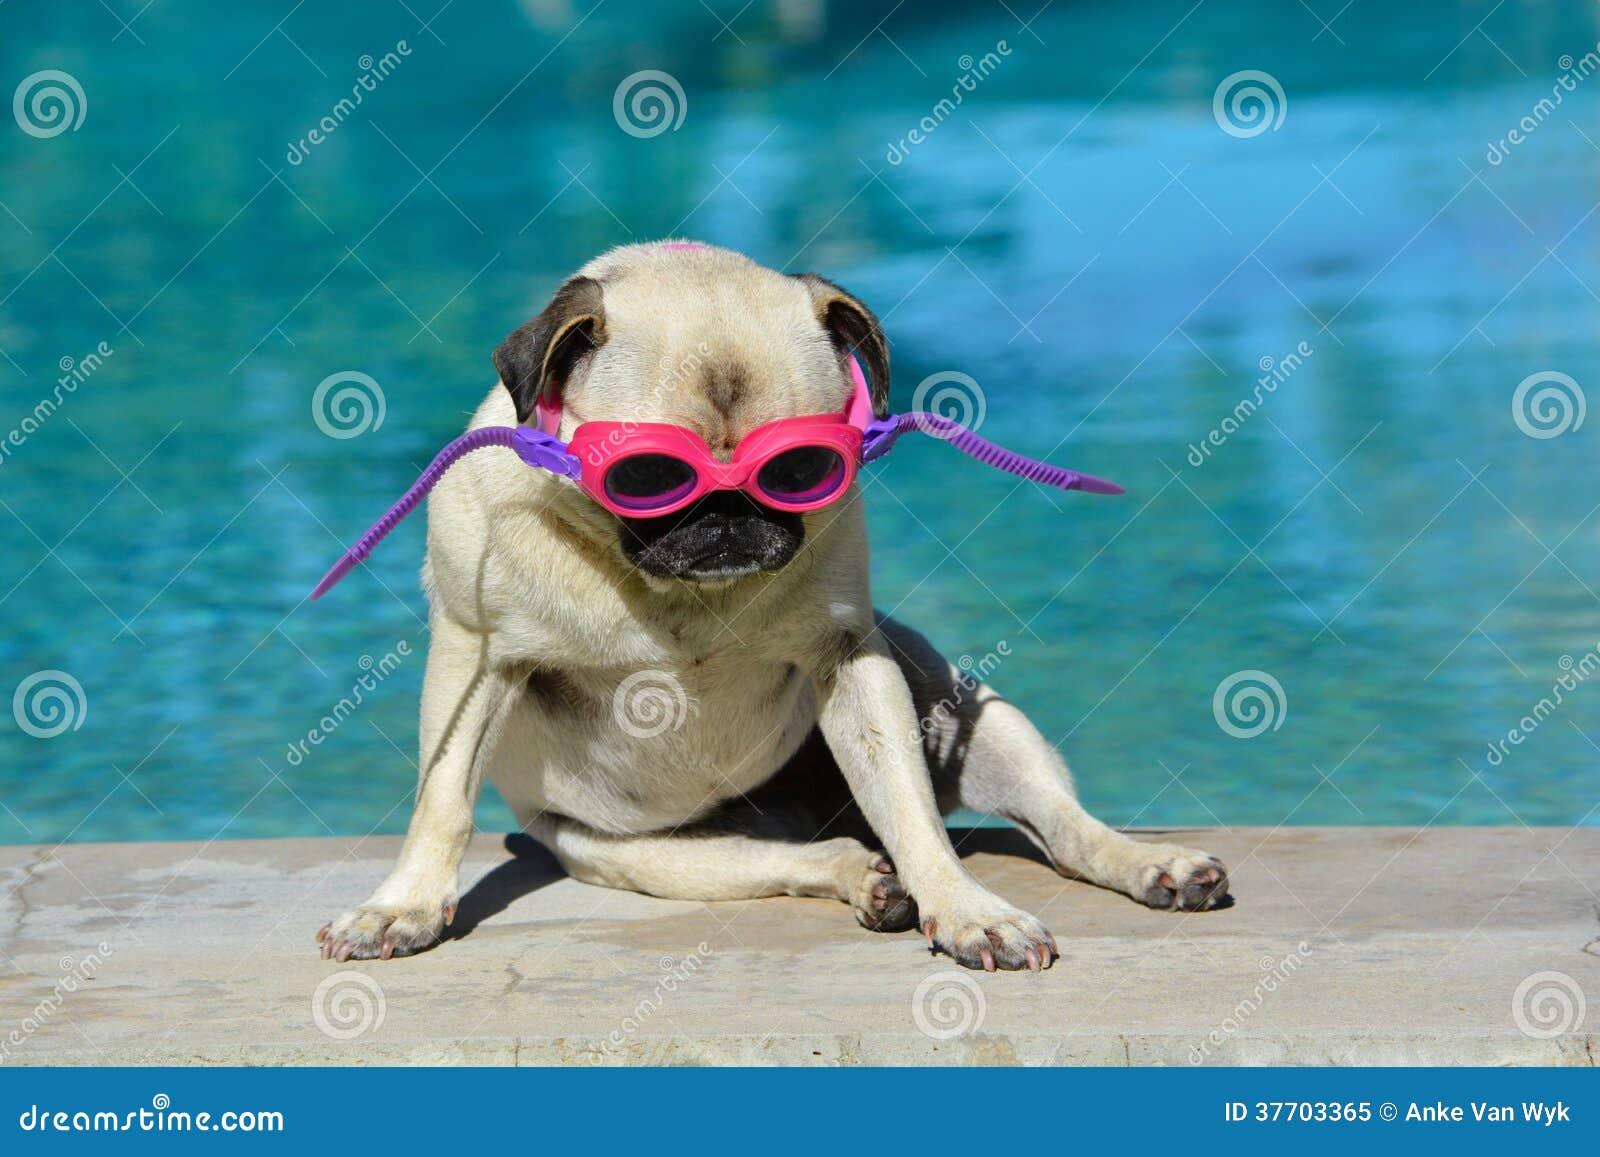 Grappige hond met beschermende brillen